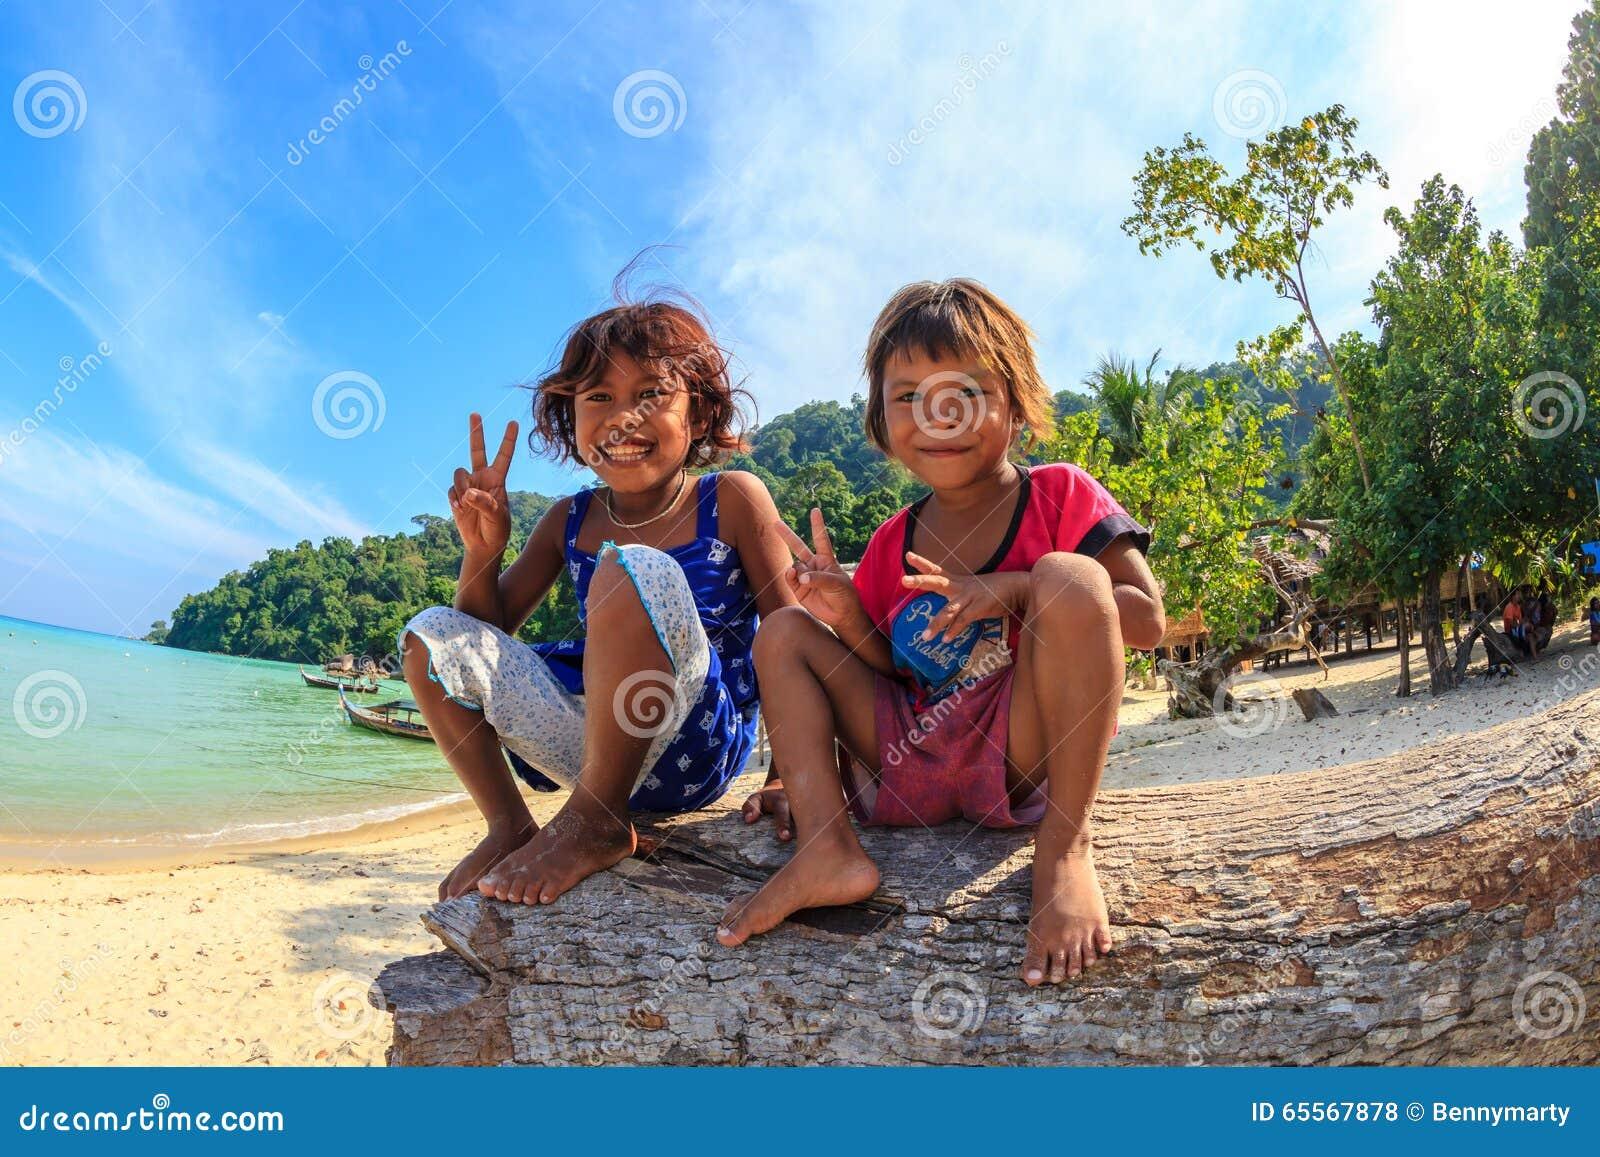 Happy Moken Children